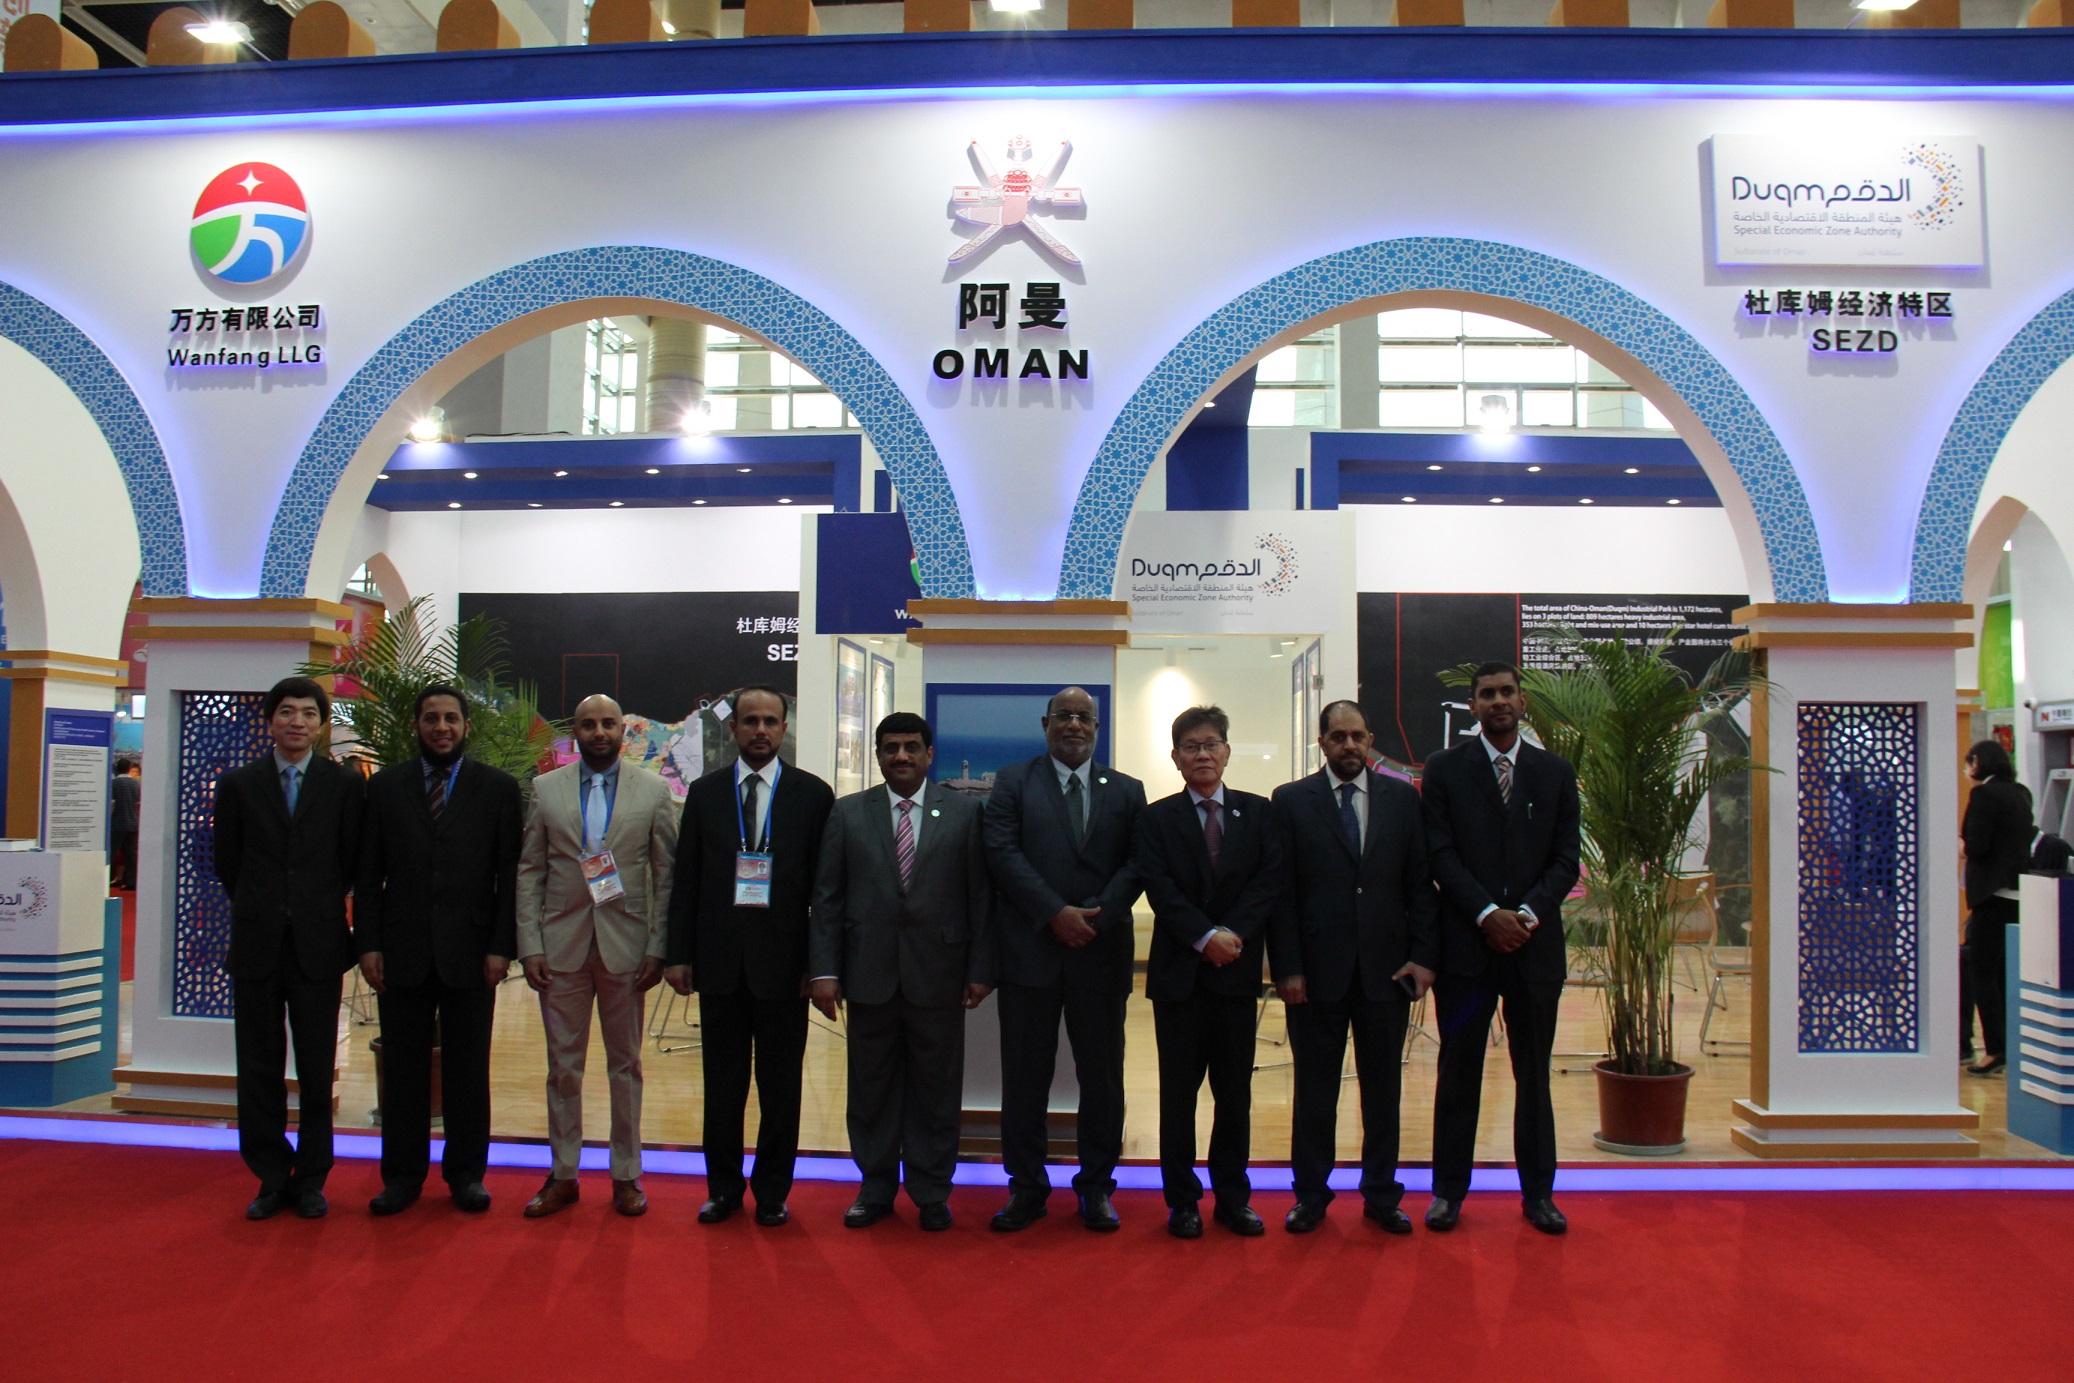 جناح السلطنة في معرض الصين والدول العربية يحظى باهتمام الزوار